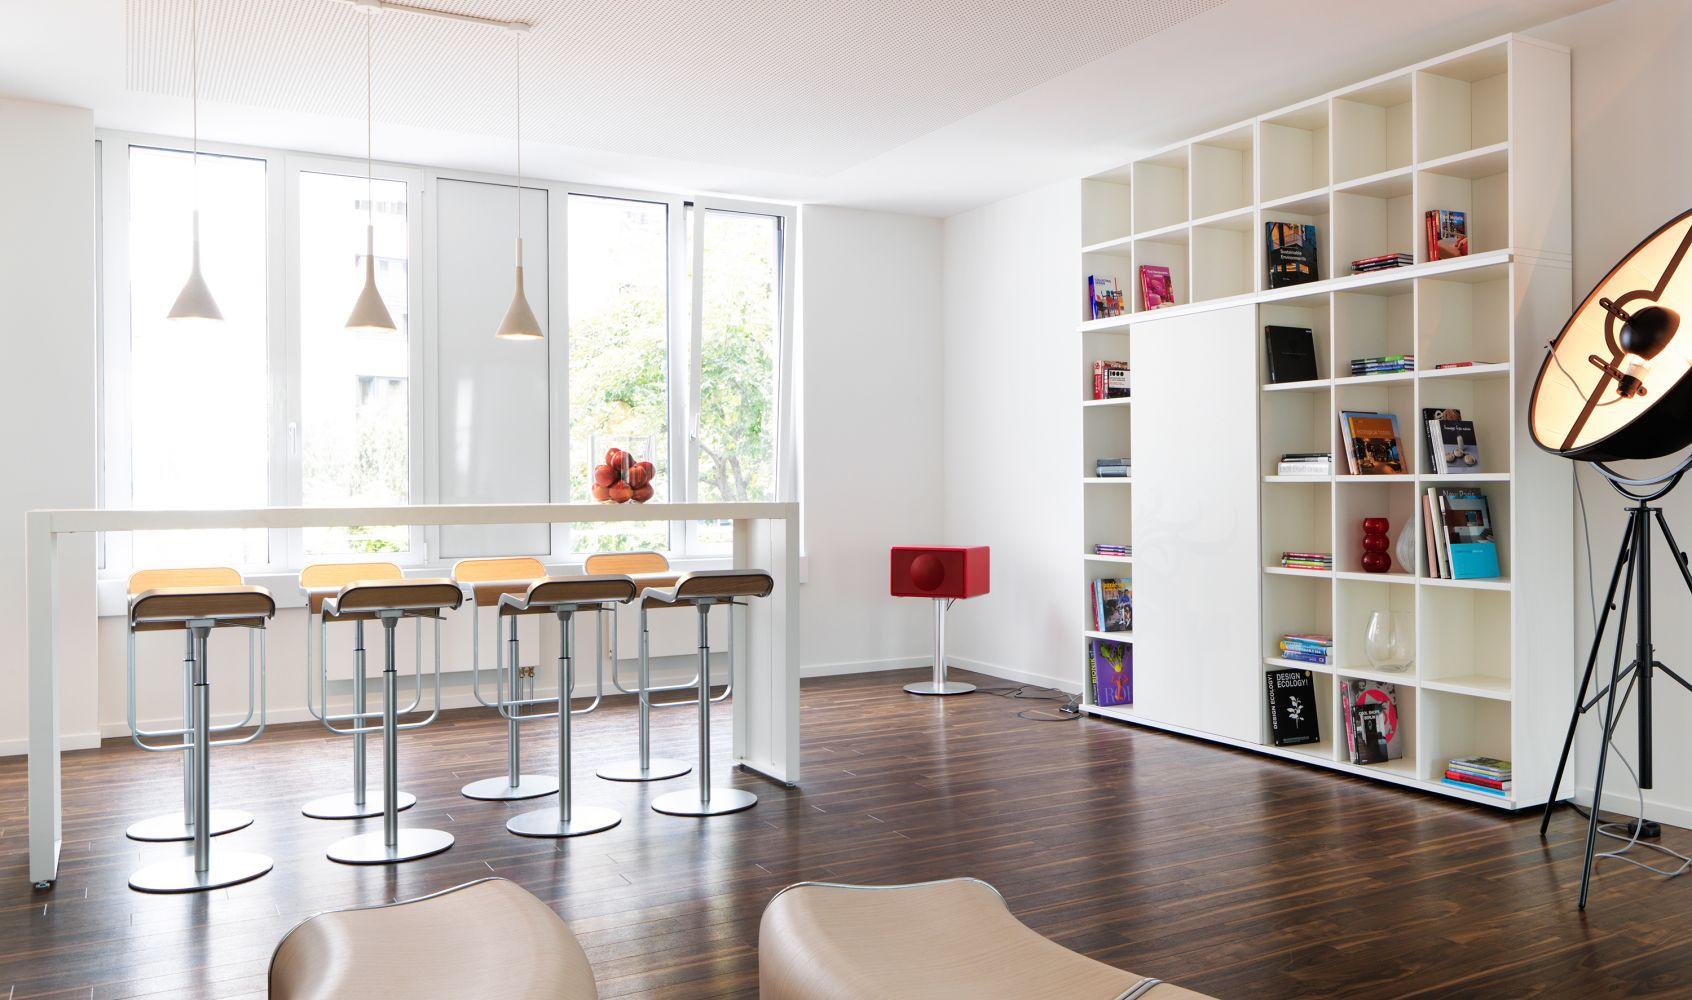 dragon rouge gmbh g rtner internationale m bel. Black Bedroom Furniture Sets. Home Design Ideas